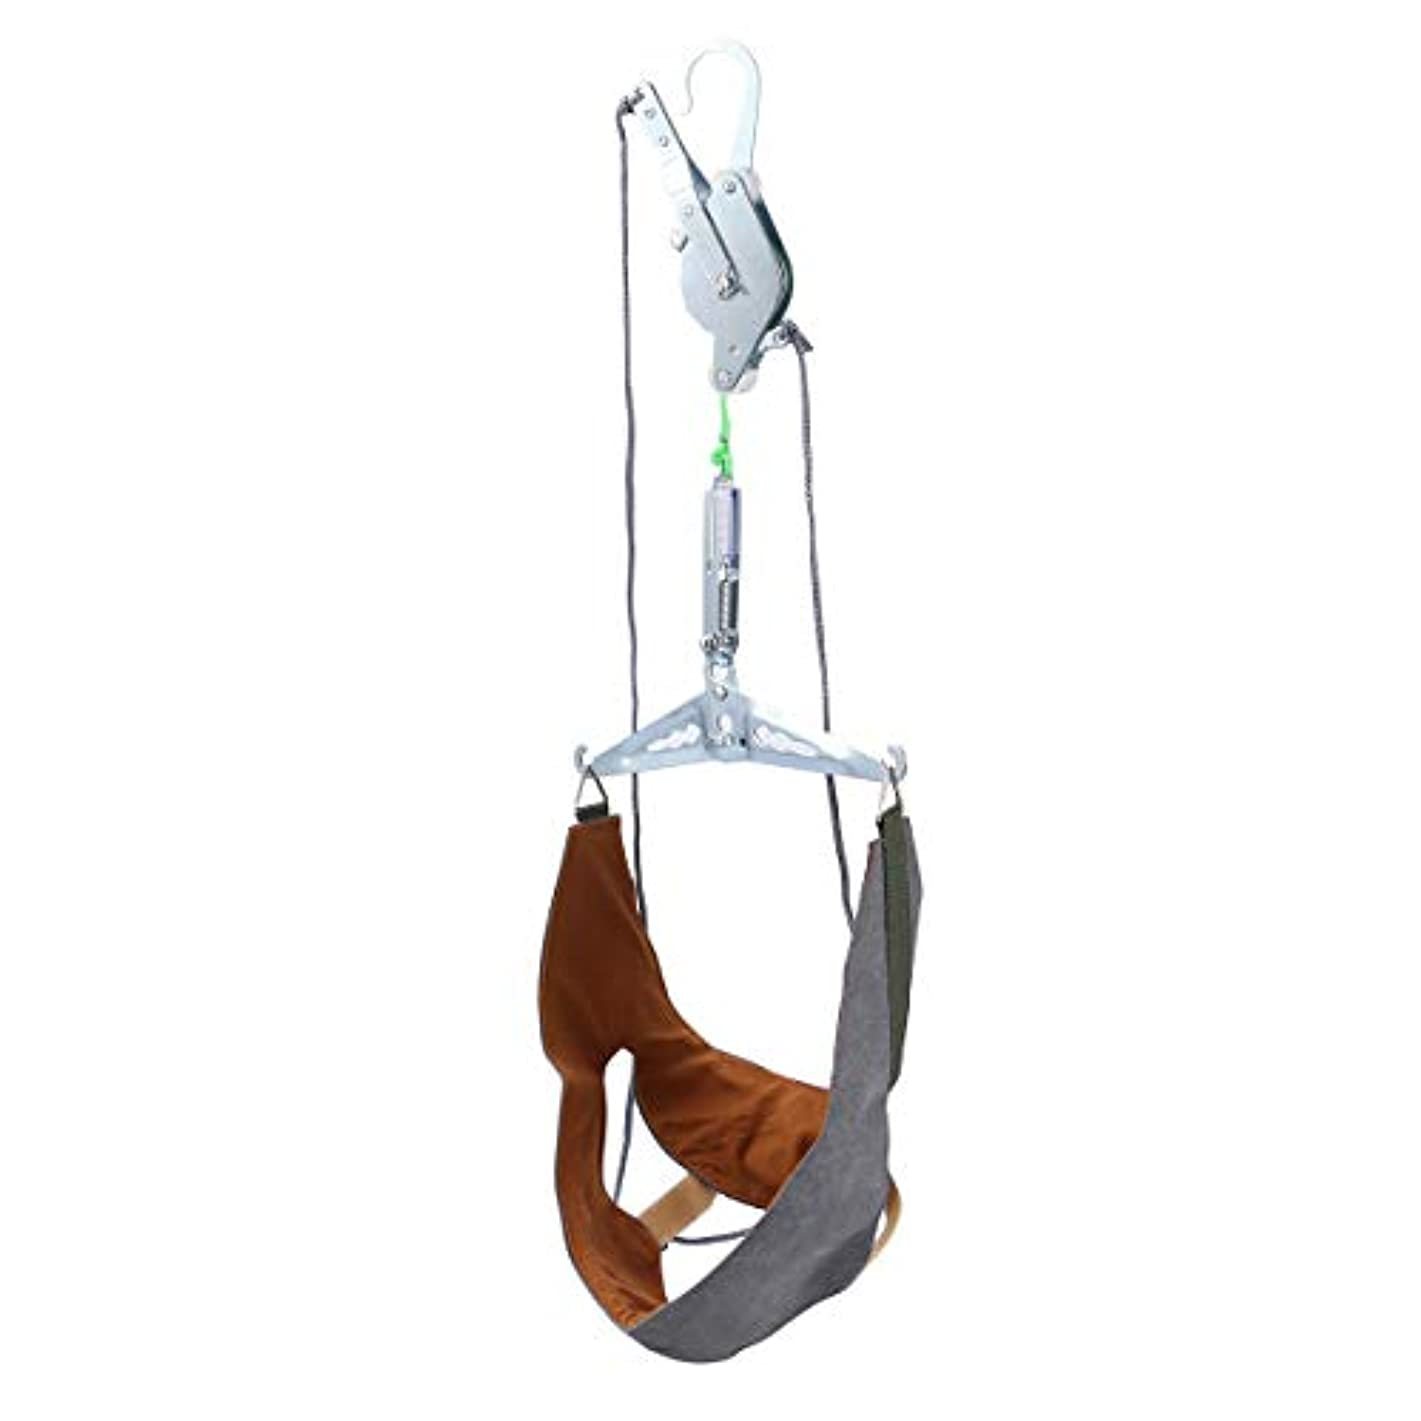 旋律的本会議ただやるHealifty 家庭用 頚椎 牽引 頭痛 ストレッチ 吊り下げ式 首頸部 マッサージ 牽引装置 ネックサポート 頚椎首ガード保護スリーブ ネックホルダー(ランダムカラー)